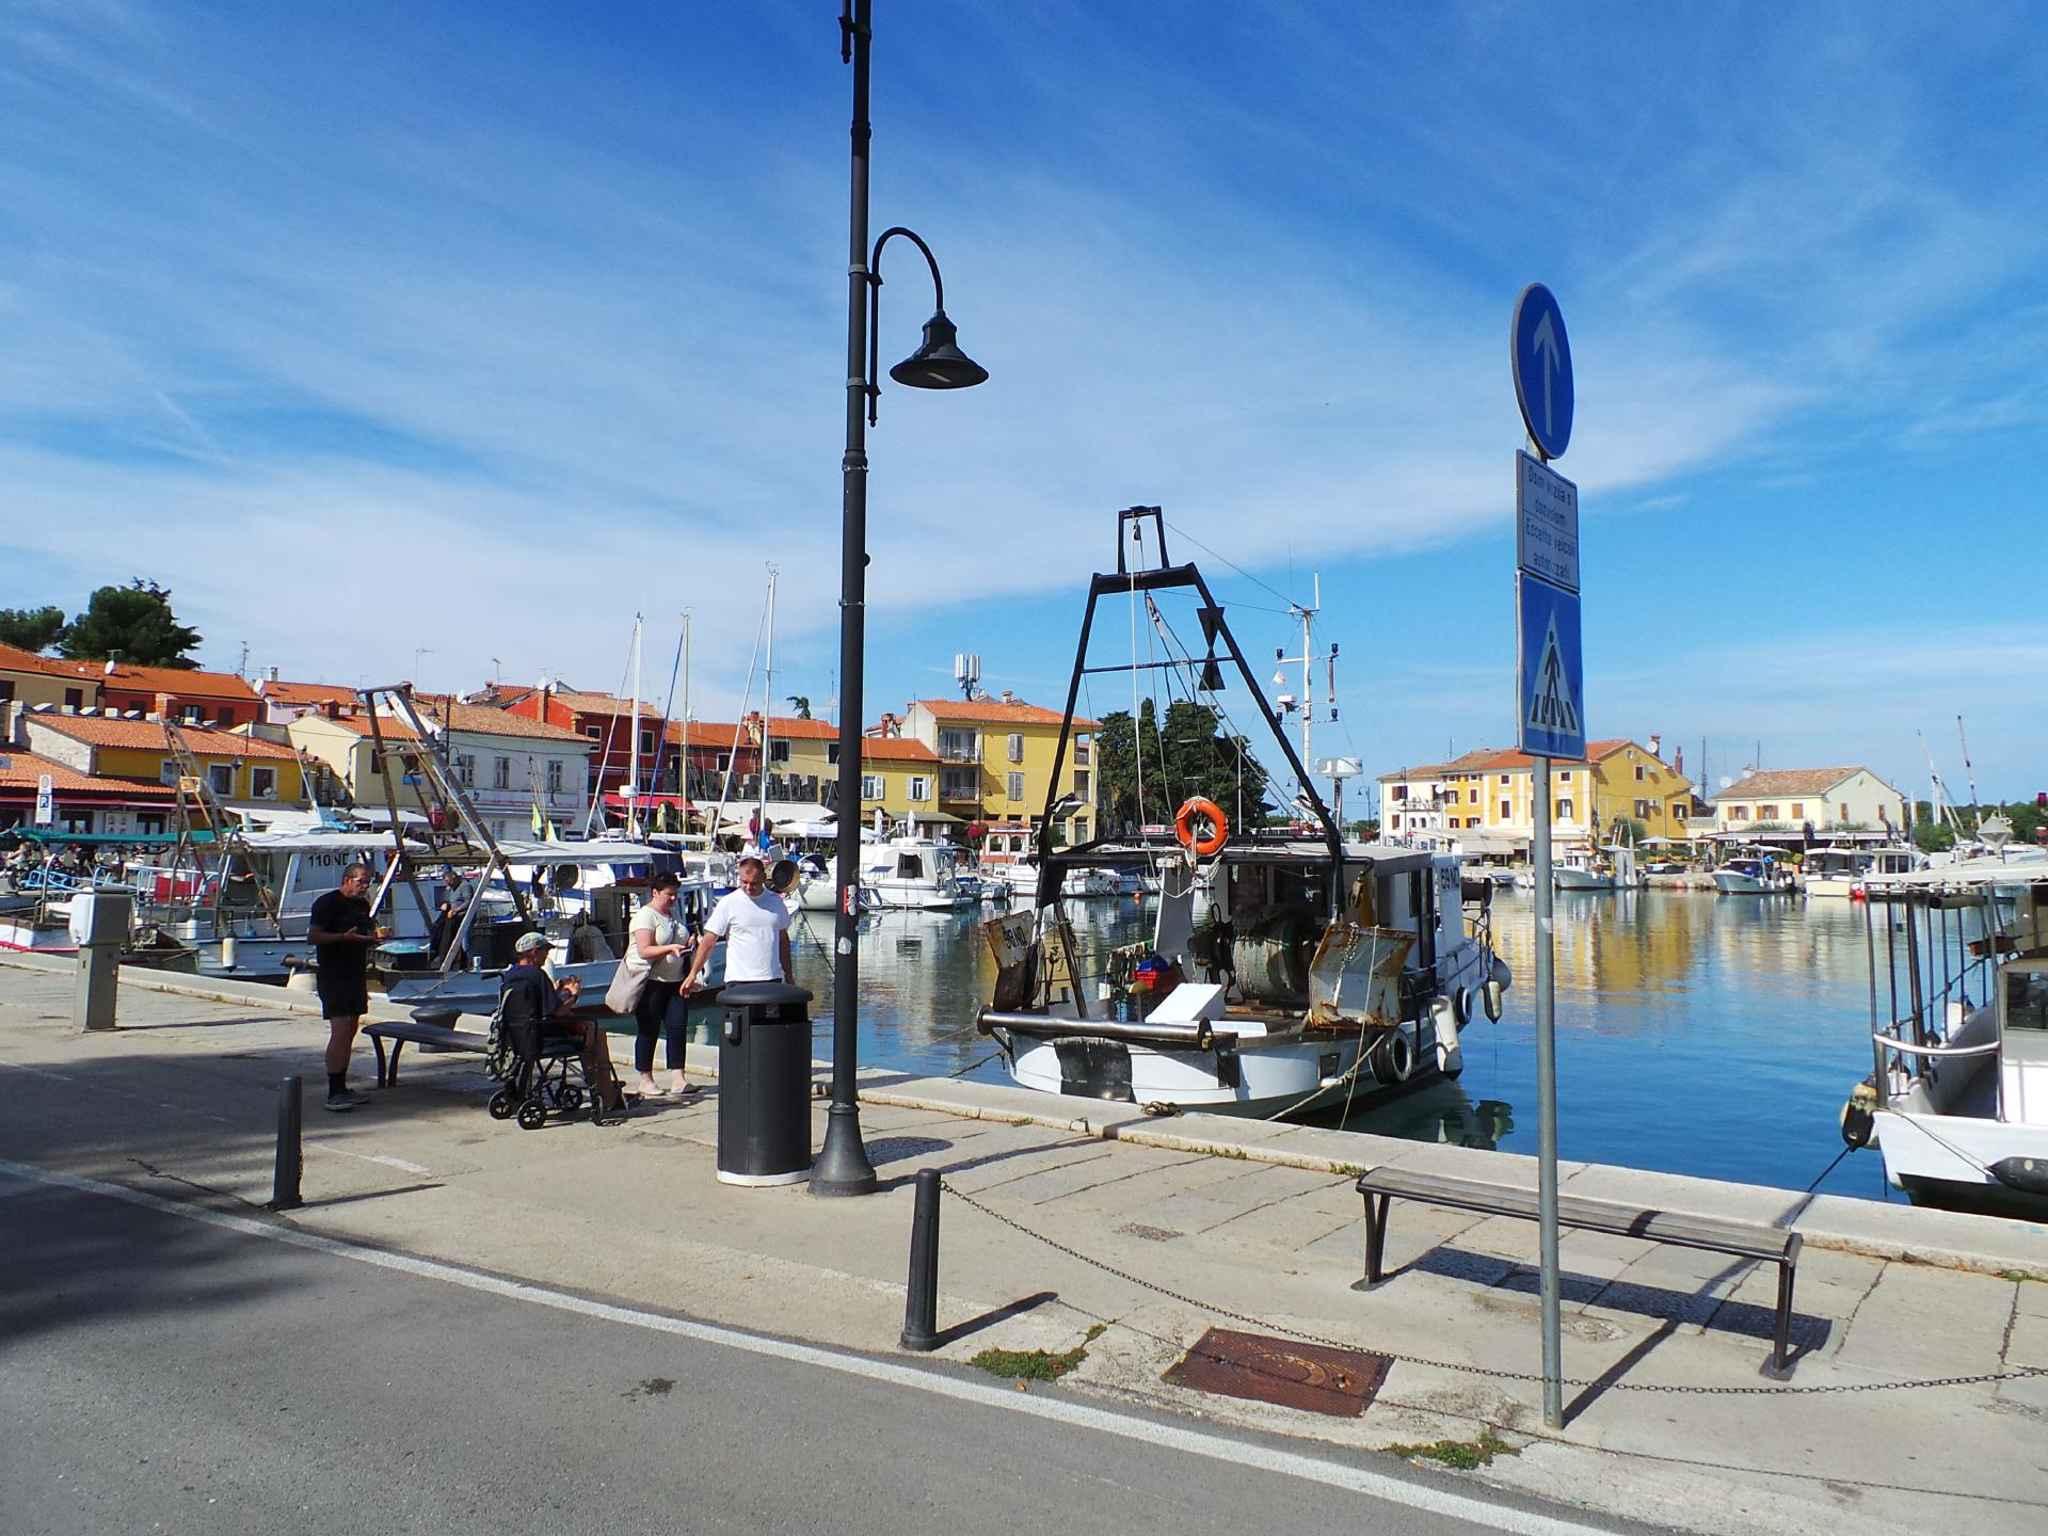 Ferienwohnung in Adrianähe mit Meerblick (278894), Zadar, , Dalmatien, Kroatien, Bild 24